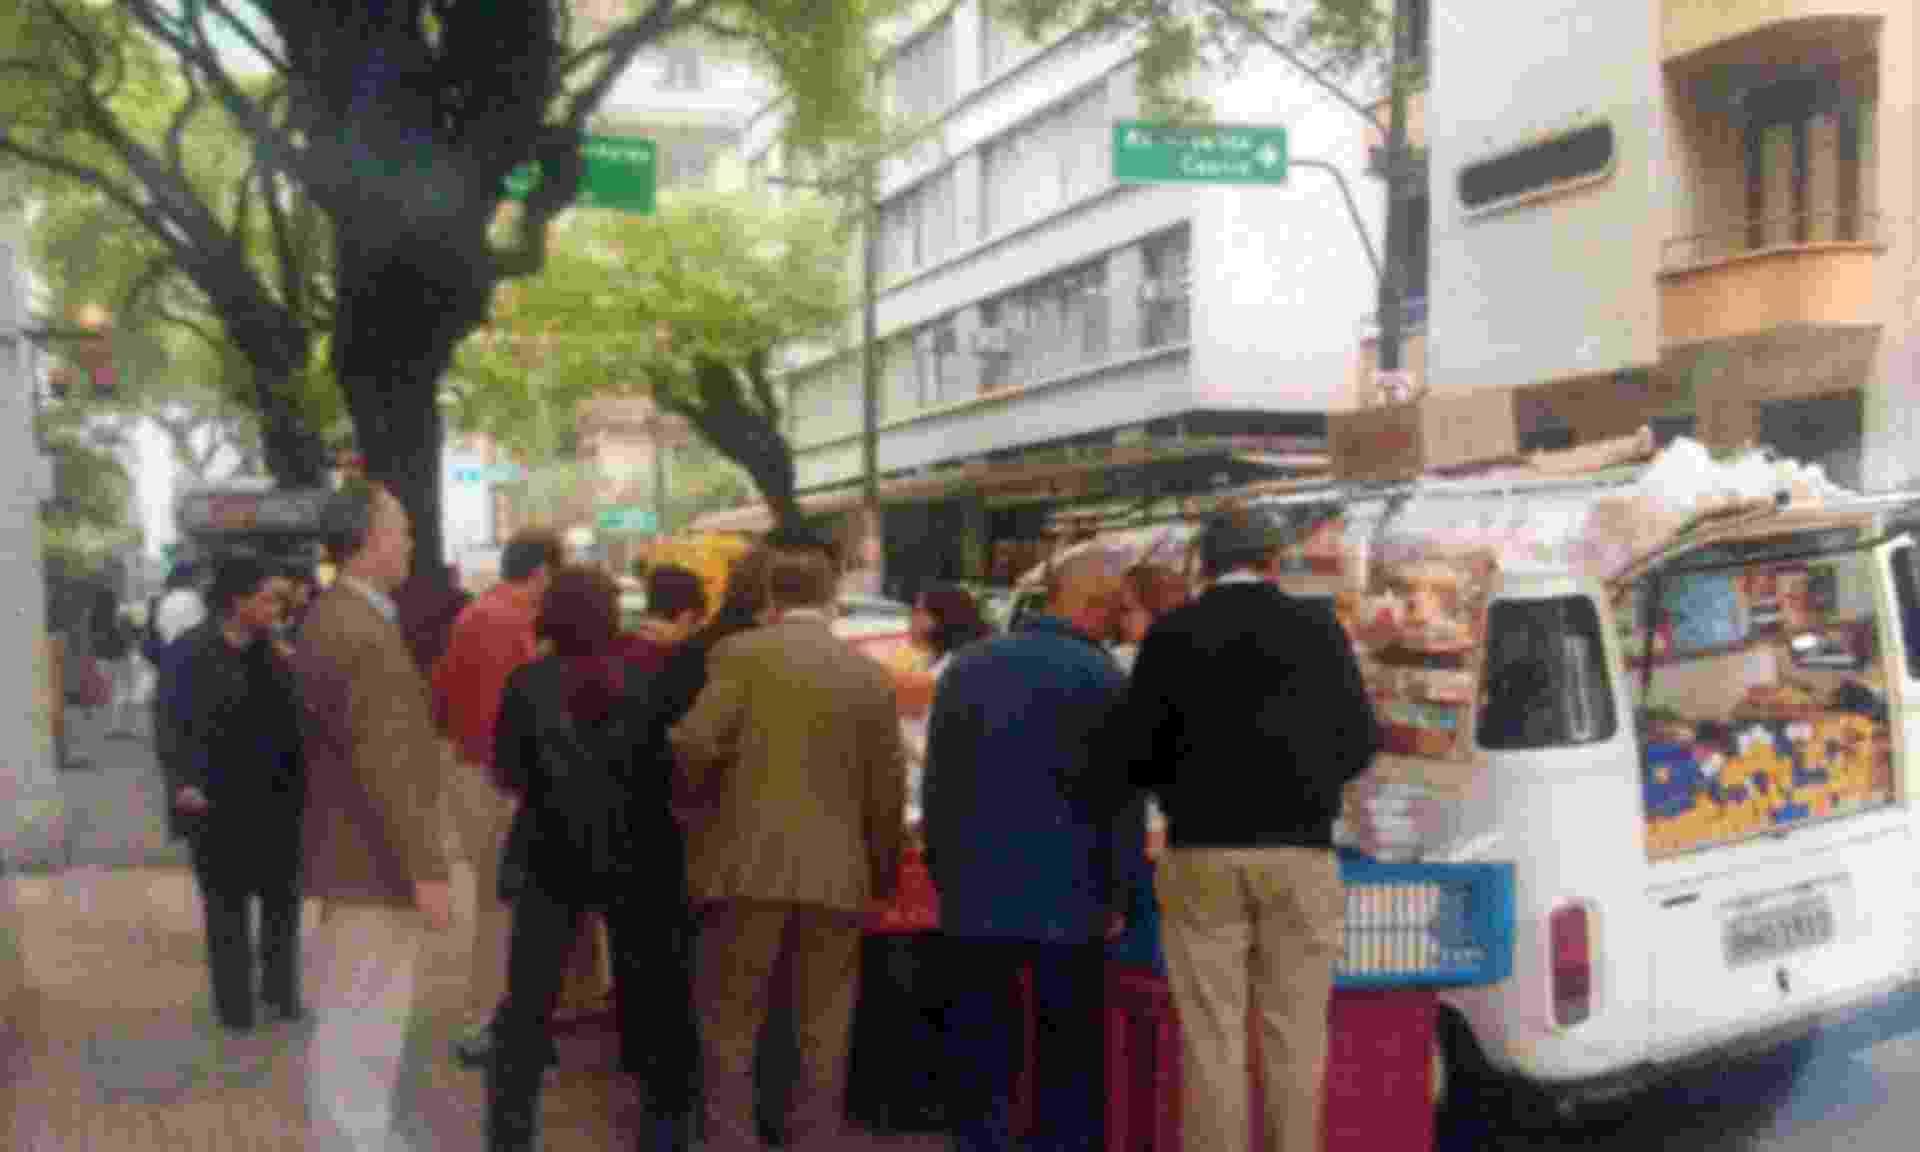 3ec948d1e4b Fotos  Conheça a doceria que começou em food-truck nos anos 90 - 08 ...